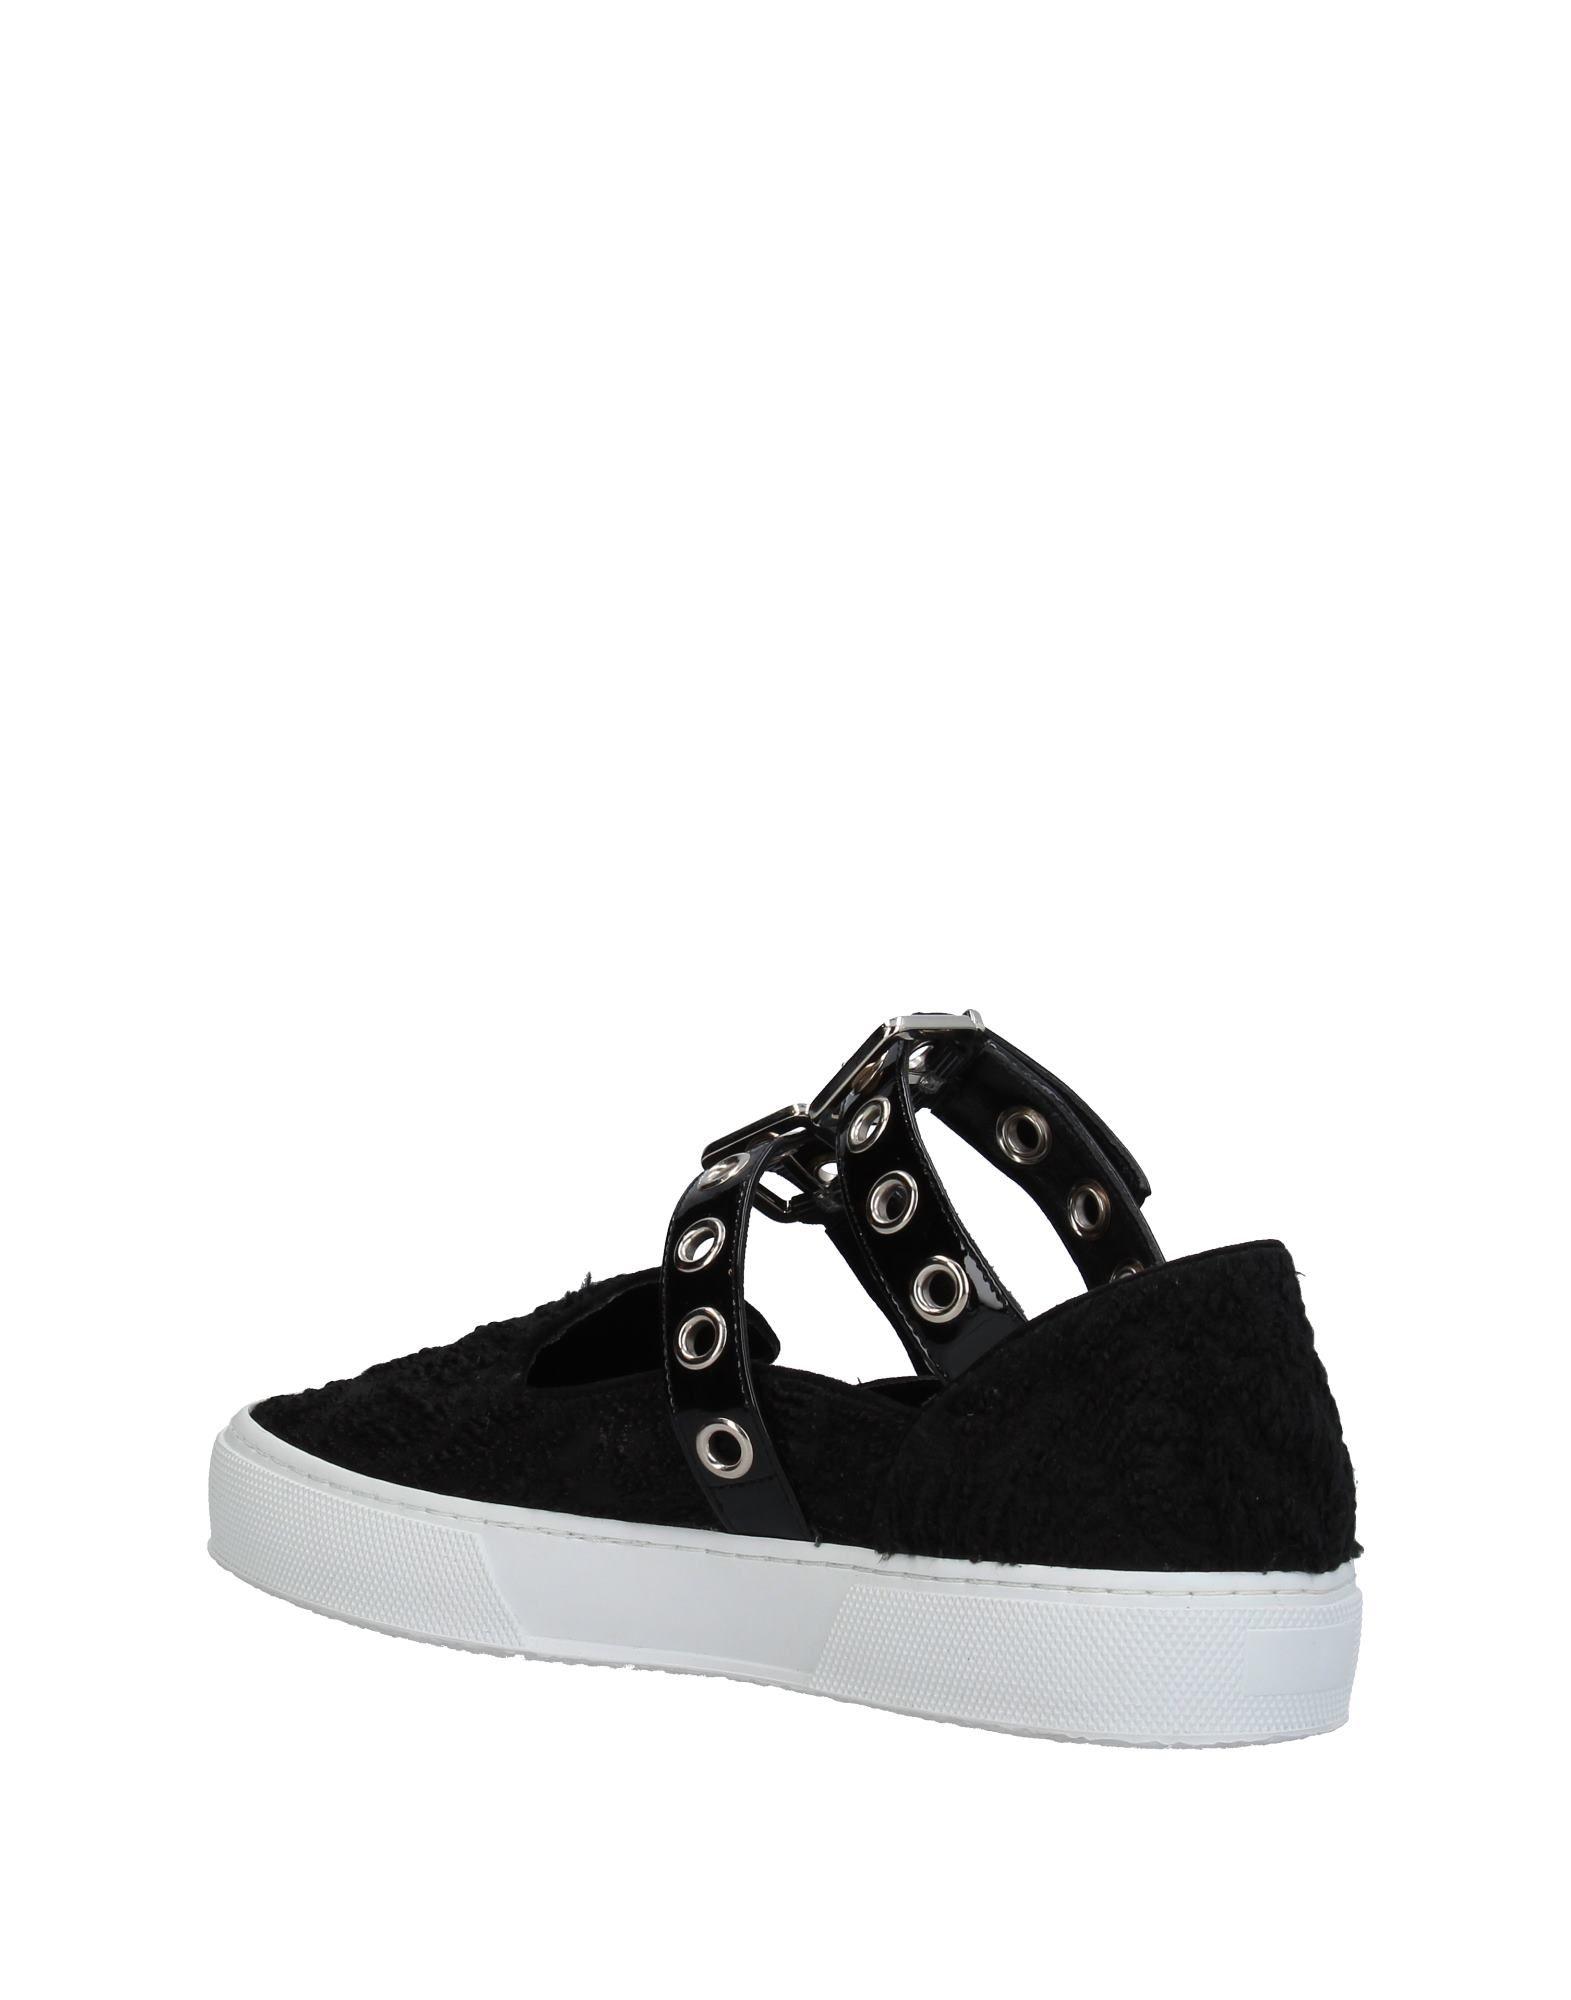 Sneakers Robert Clergerie Femme - Sneakers Robert Clergerie sur